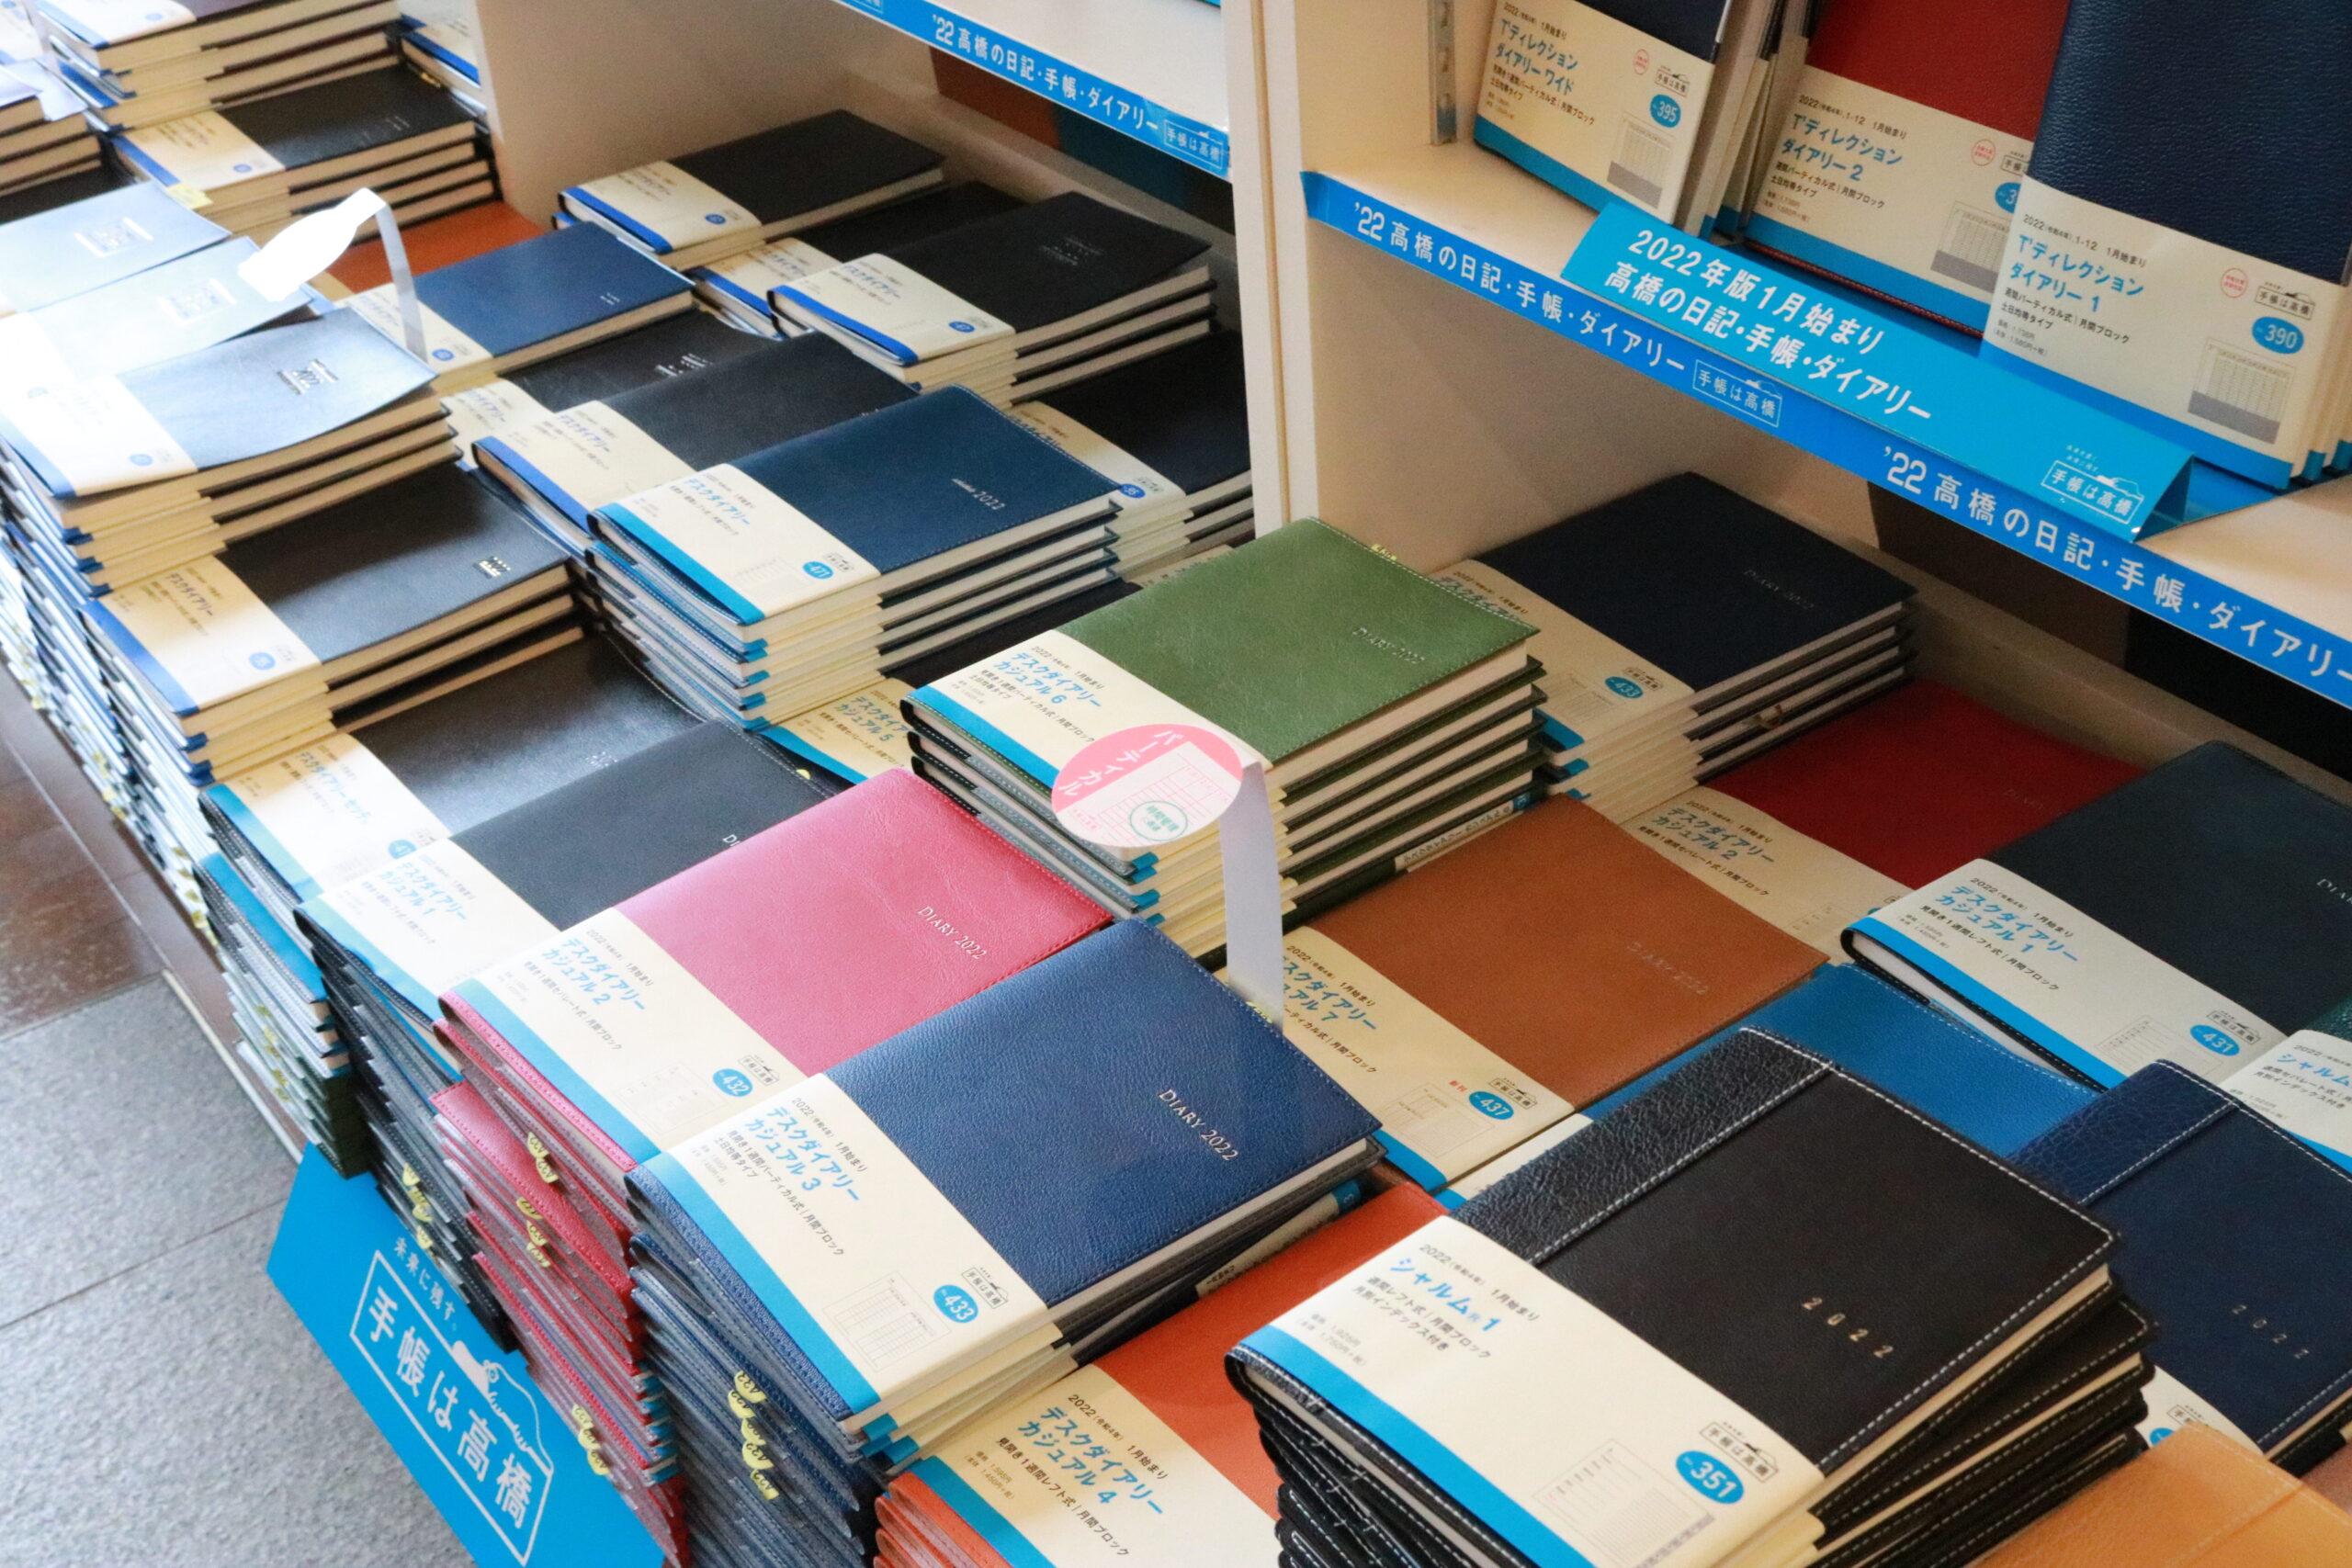 紀伊國屋書店:今年も手帳が入荷致しました!